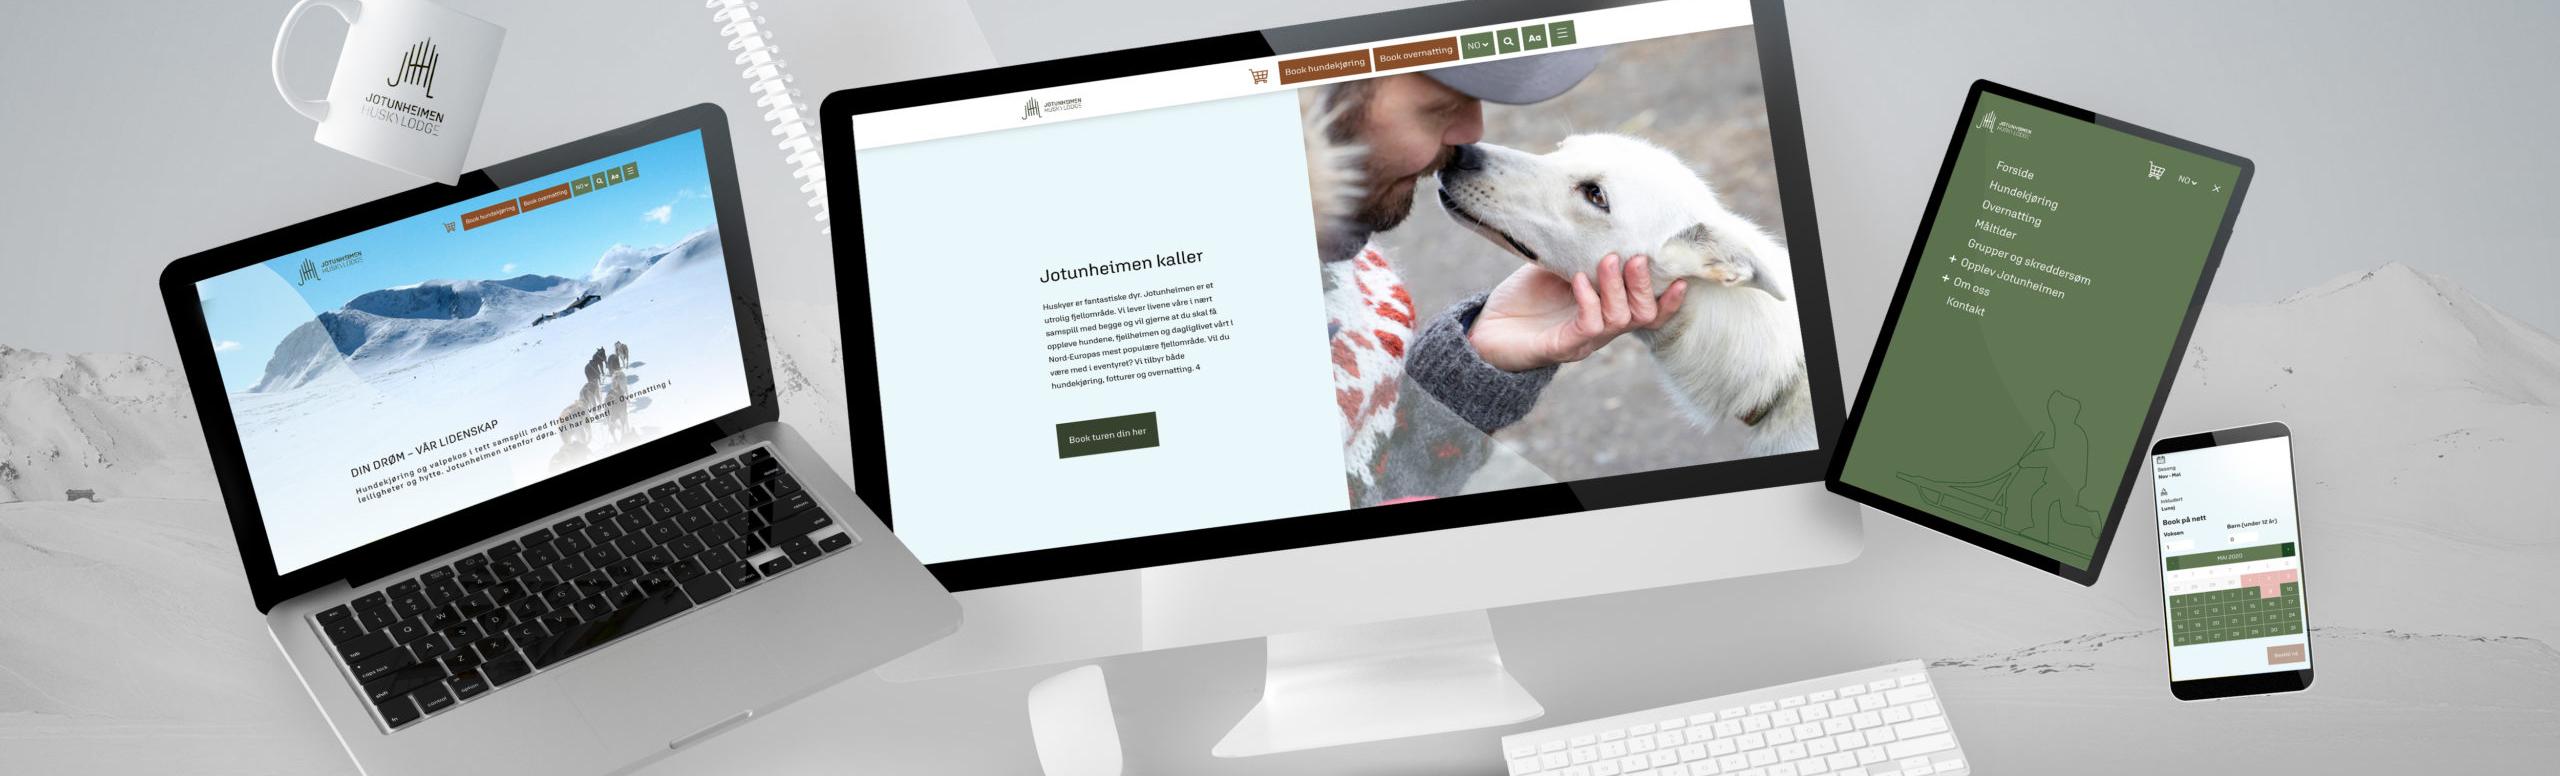 Bilde av nettside og design på kopp for Jotunheimen Husky Lodge, laget av Haus Byrå